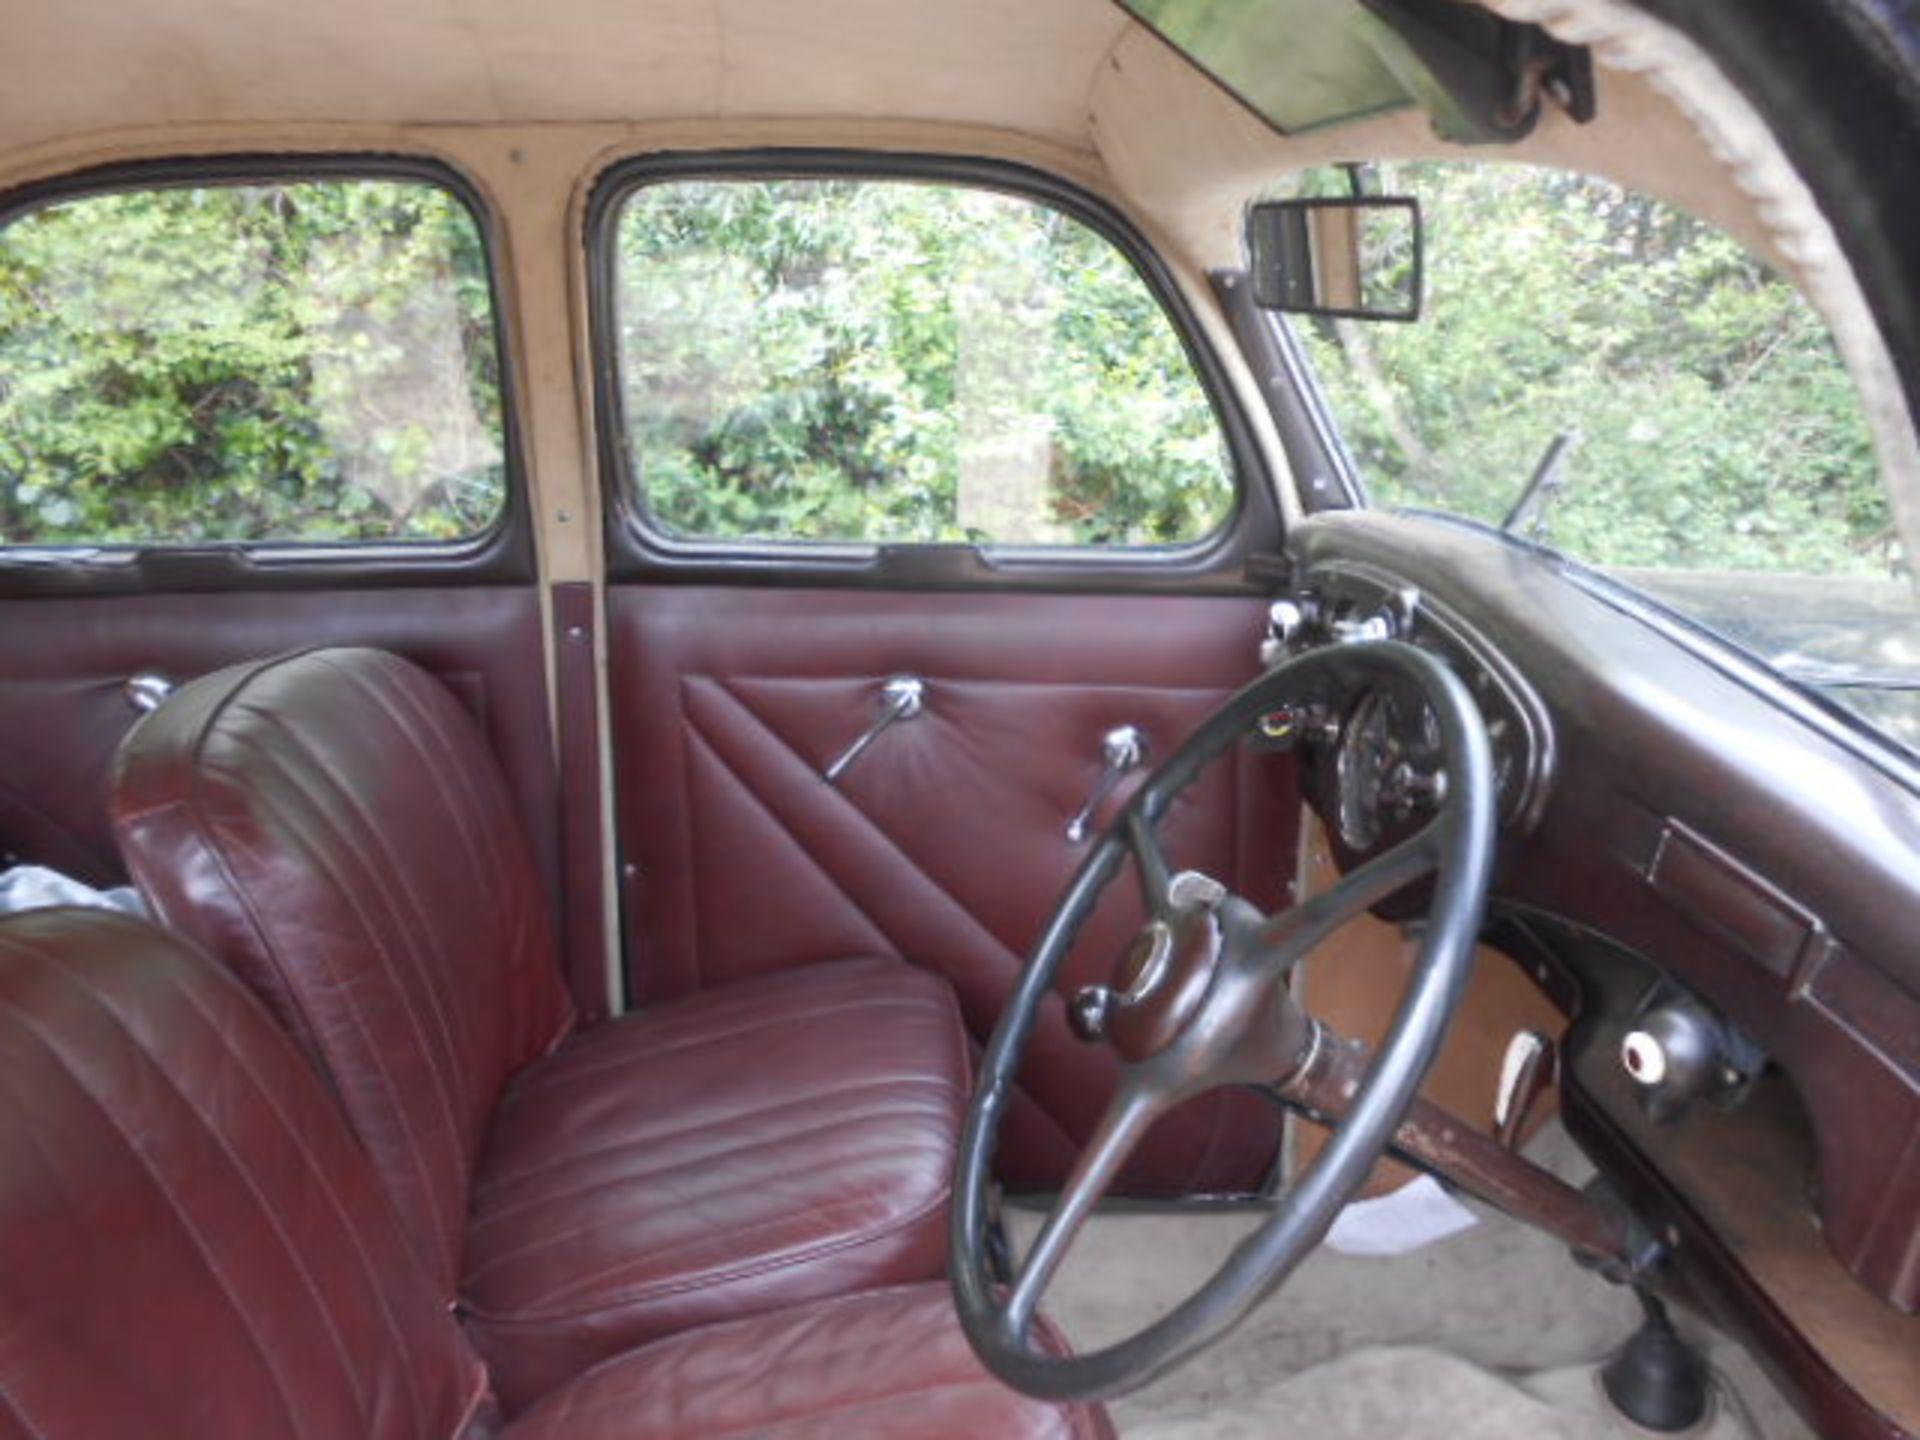 1946 Ford Prefect E93A - Image 30 of 30